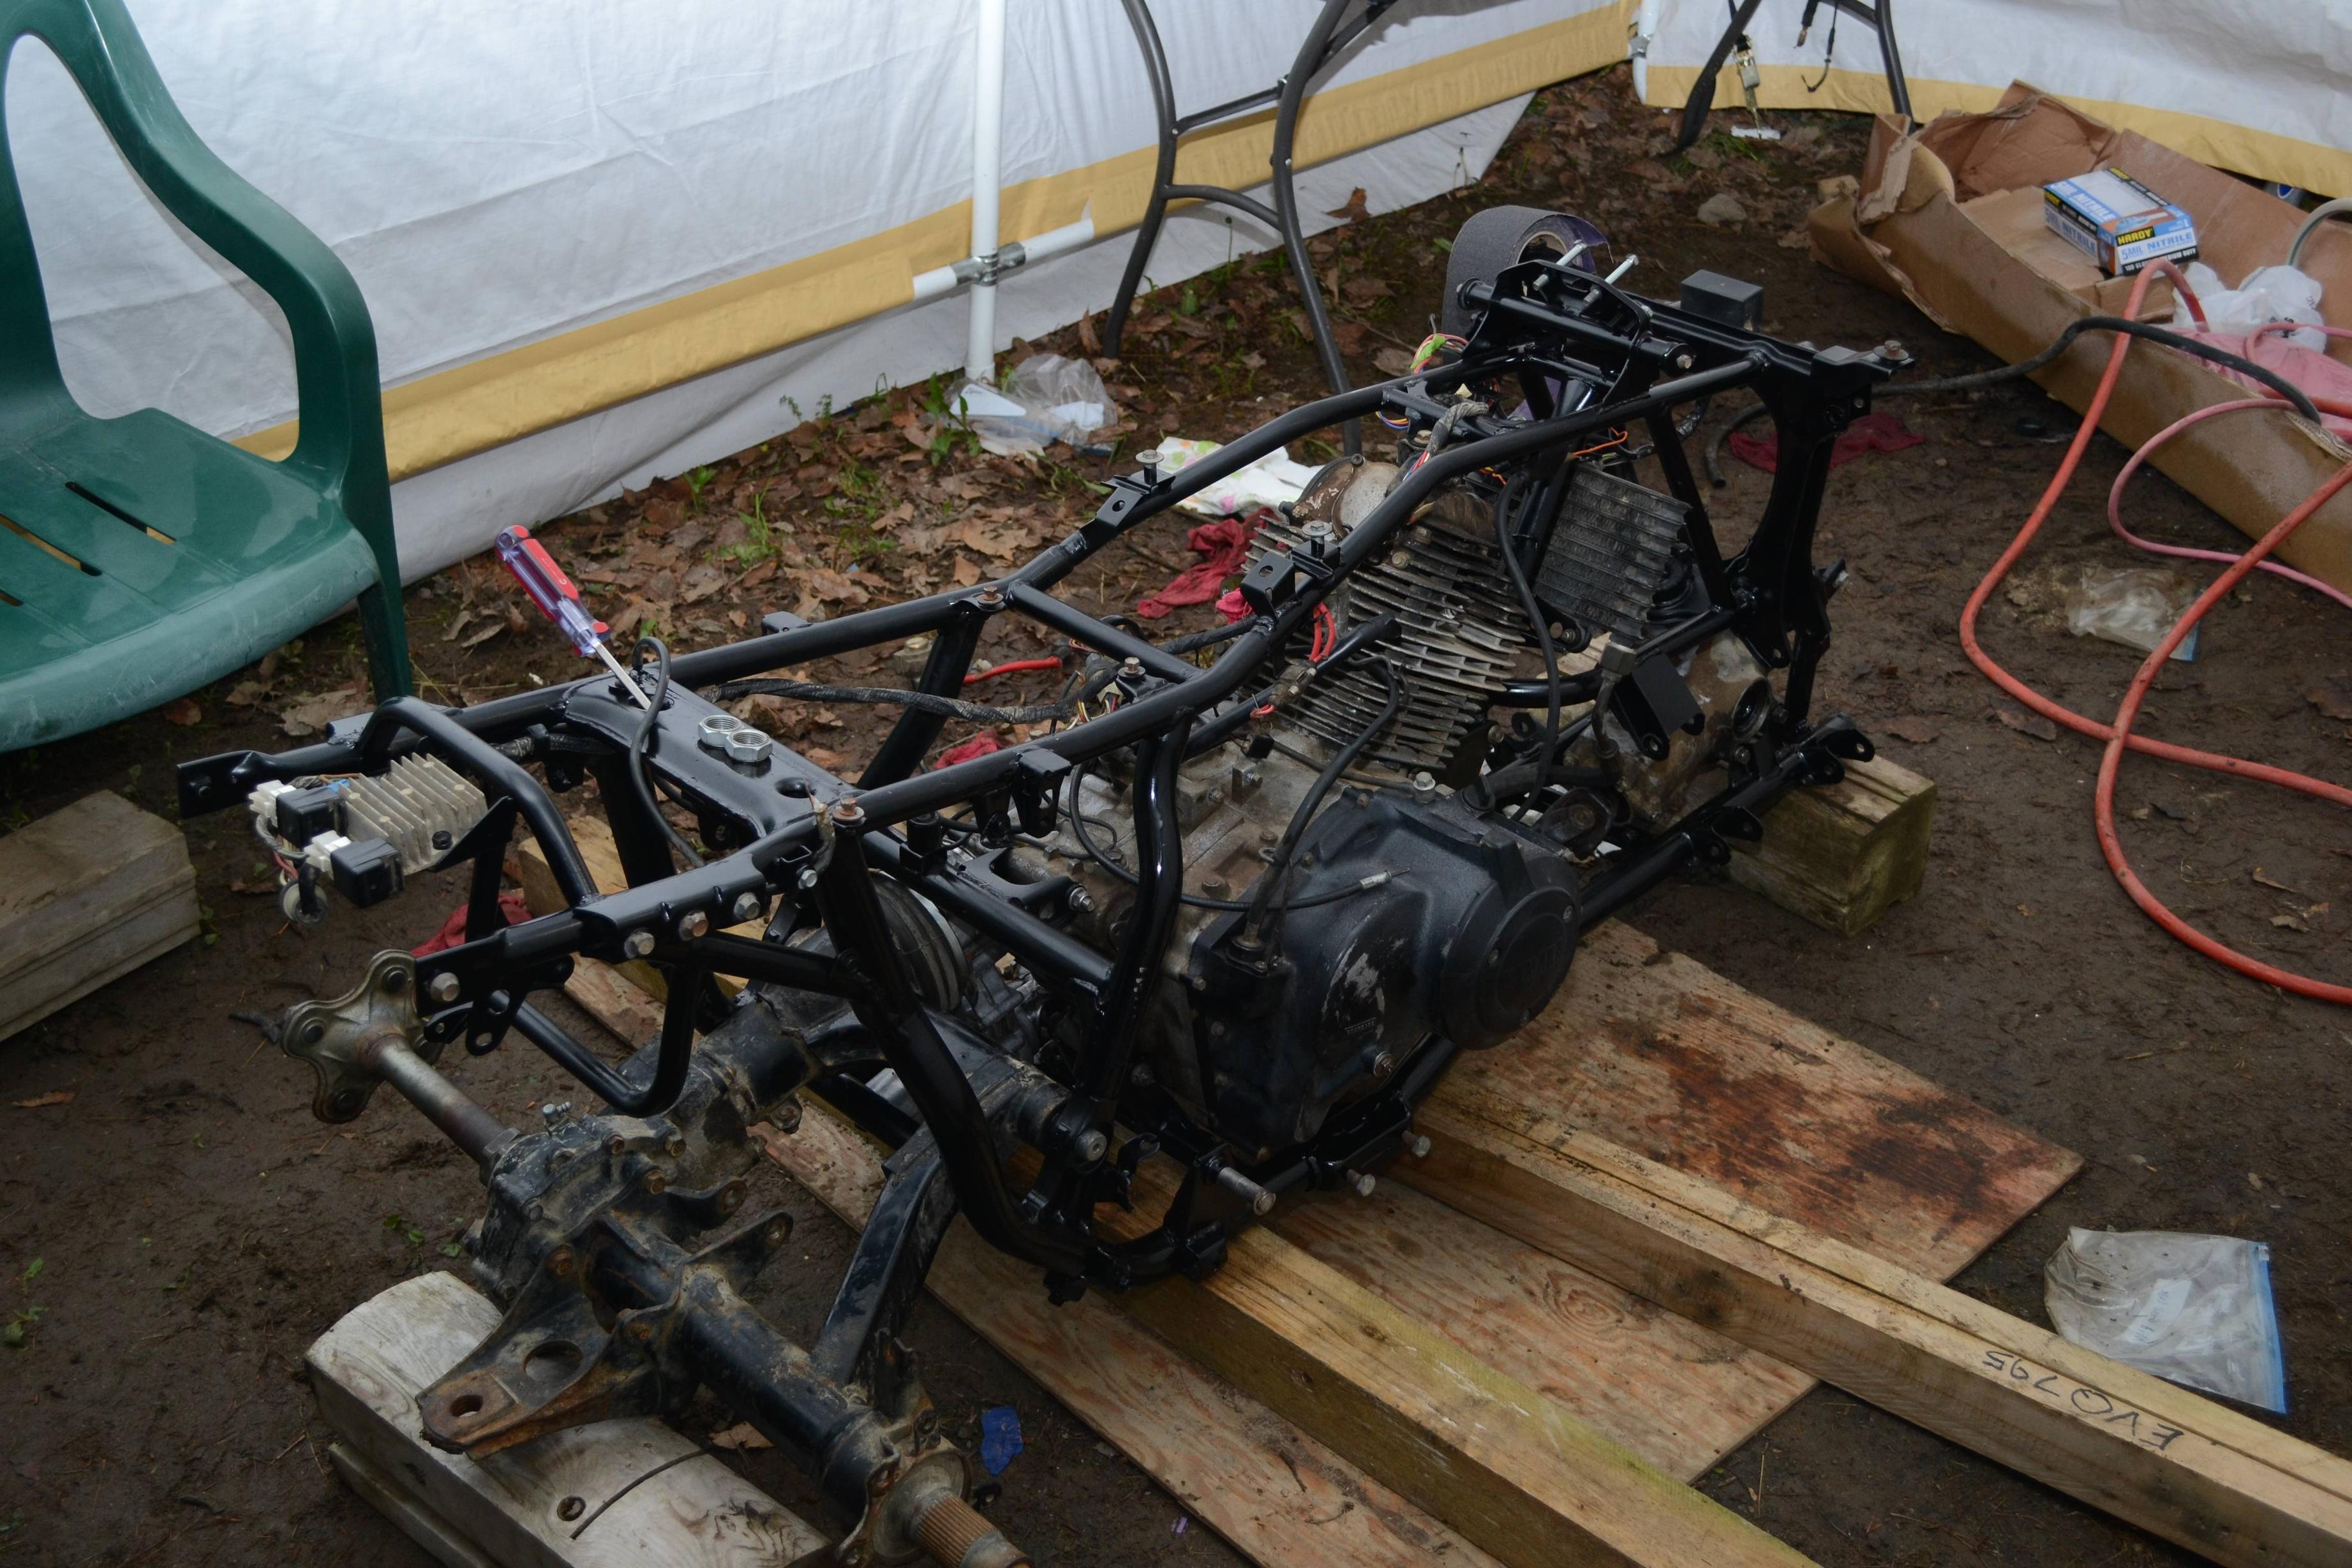 Best ideas about DIY Big Bear . Save or Pin Yamaha Big Bear Page 6 Honda ATV Forum Now.